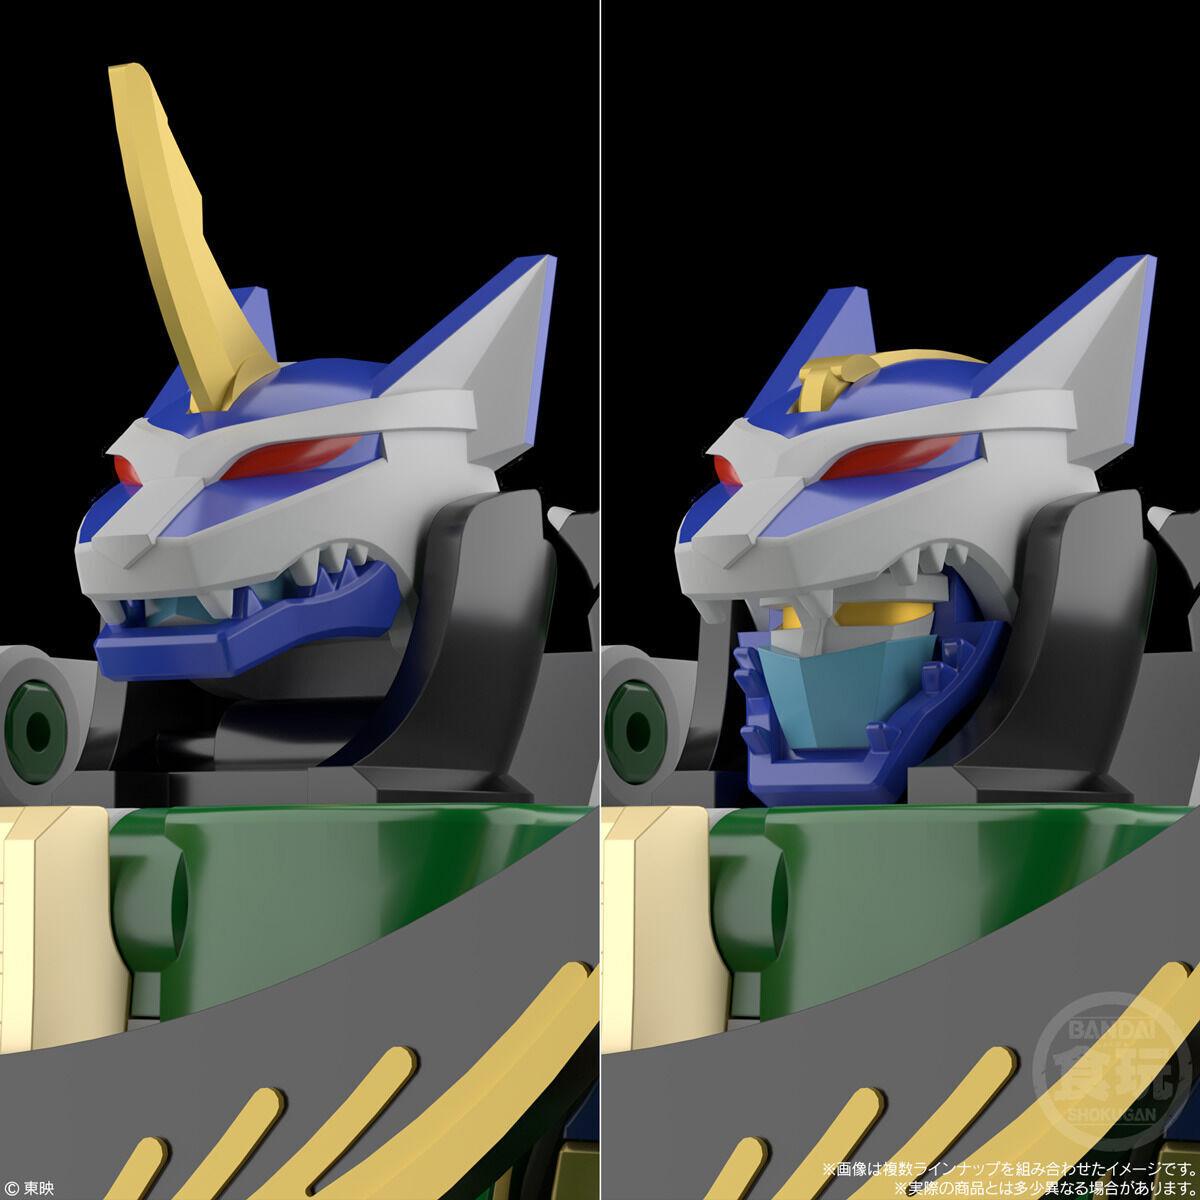 【食玩】SMP [SHOKUGAN MODELING PROJECT] 『百獣合体 ガオハンター』百獣戦隊ガオレンジャー 3個入りBOX-006